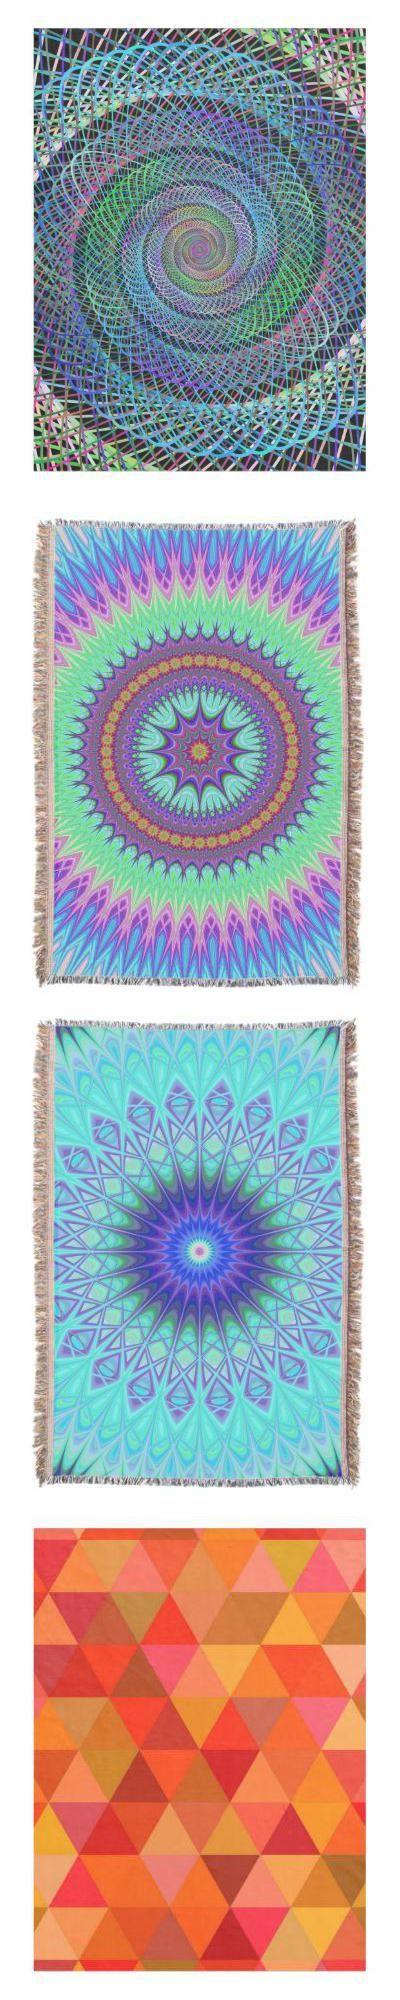 best throw fleece blankets images on pinterest  fleece  - colorful blanket collection  throw blankets  fleece blankets